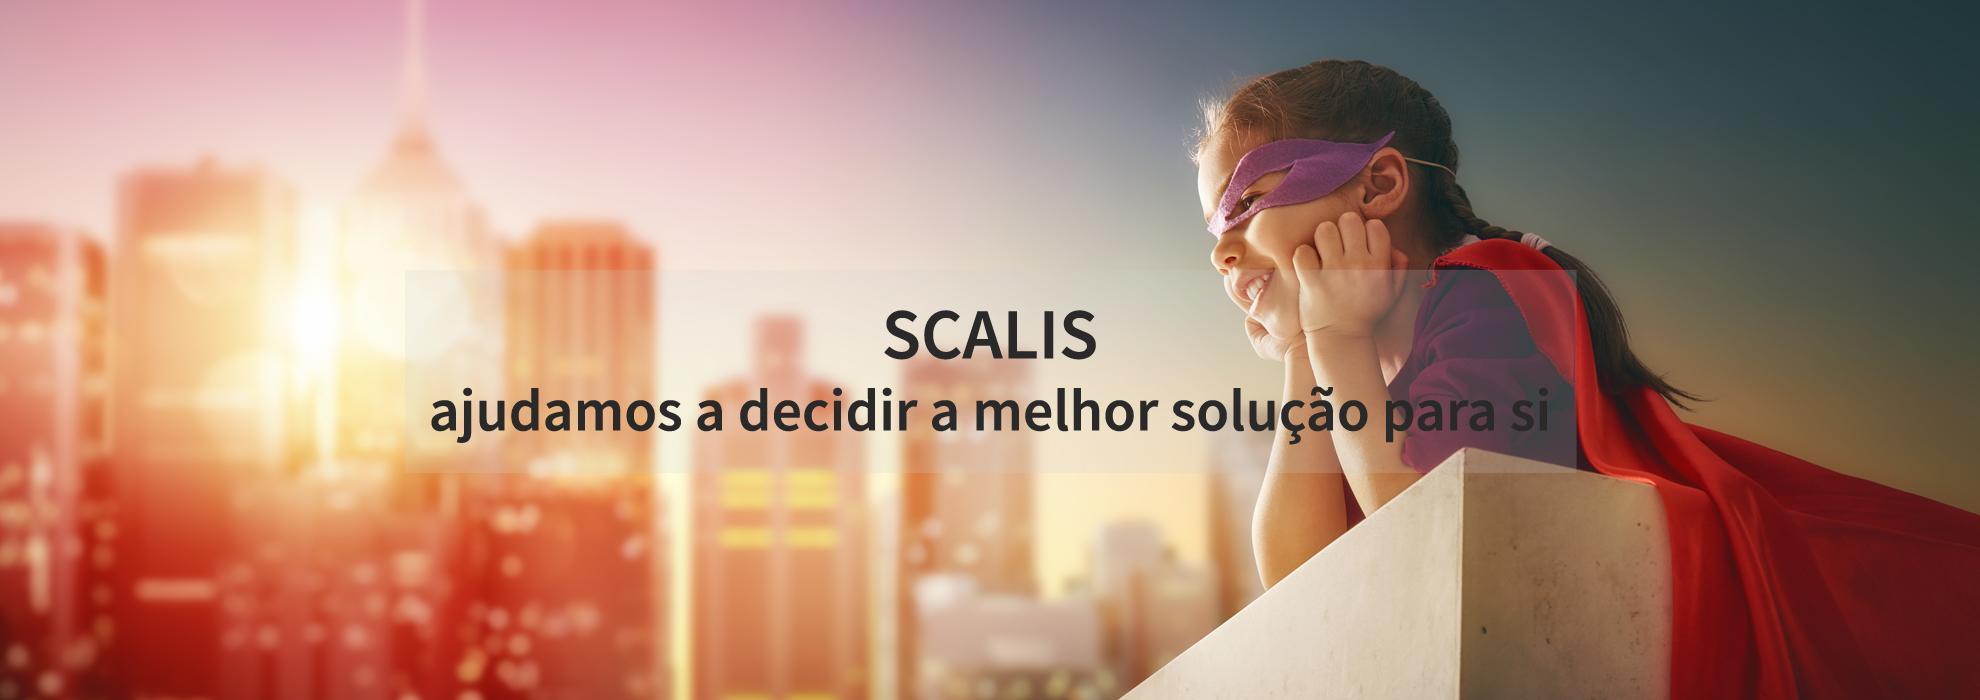 Nova imagem digital da SCALIS